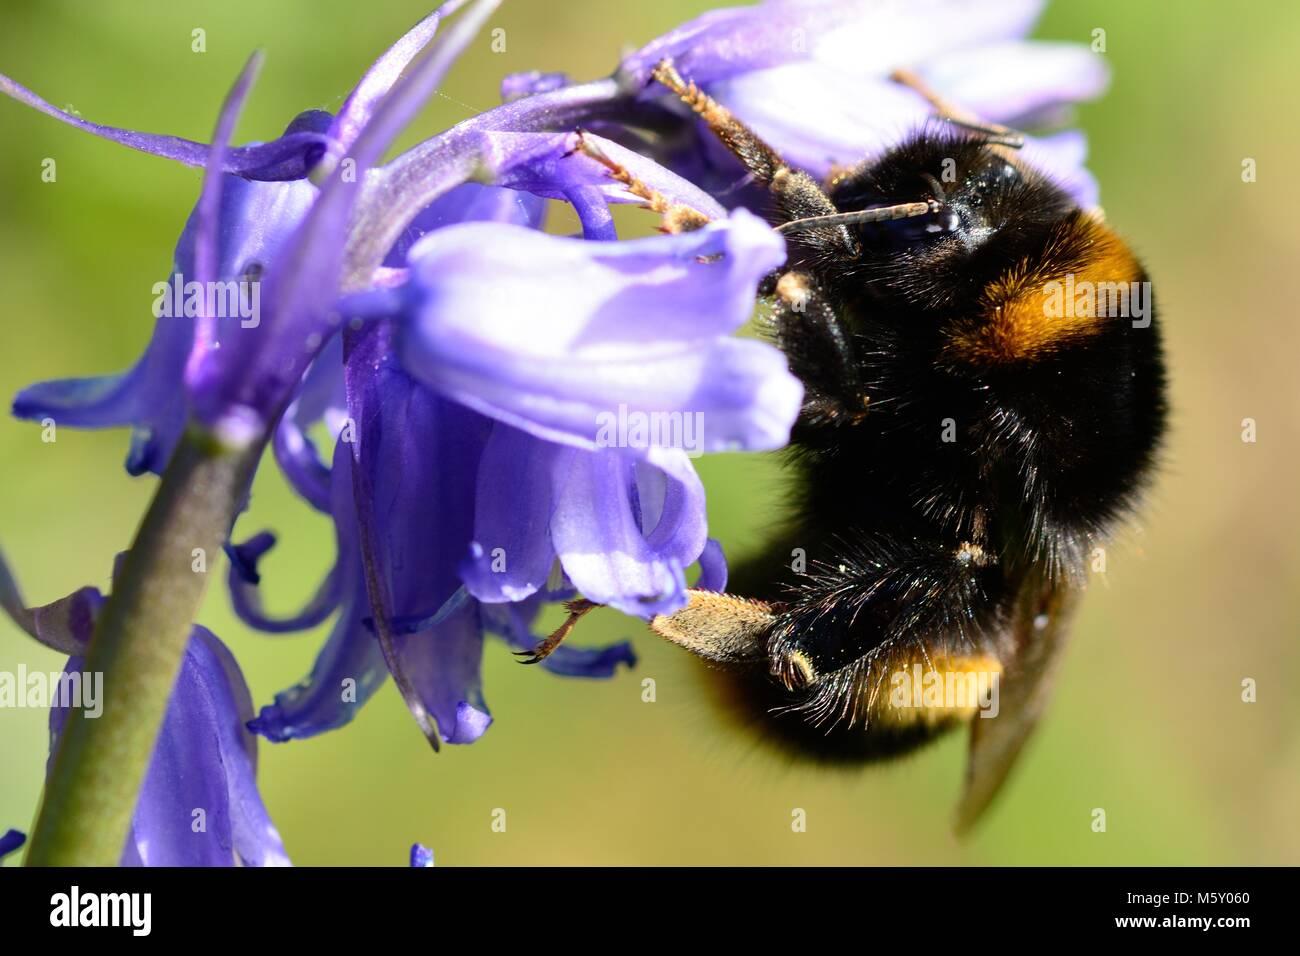 Makroaufnahme einer Hummel bestäubt eine Bluebell Blume Stockbild